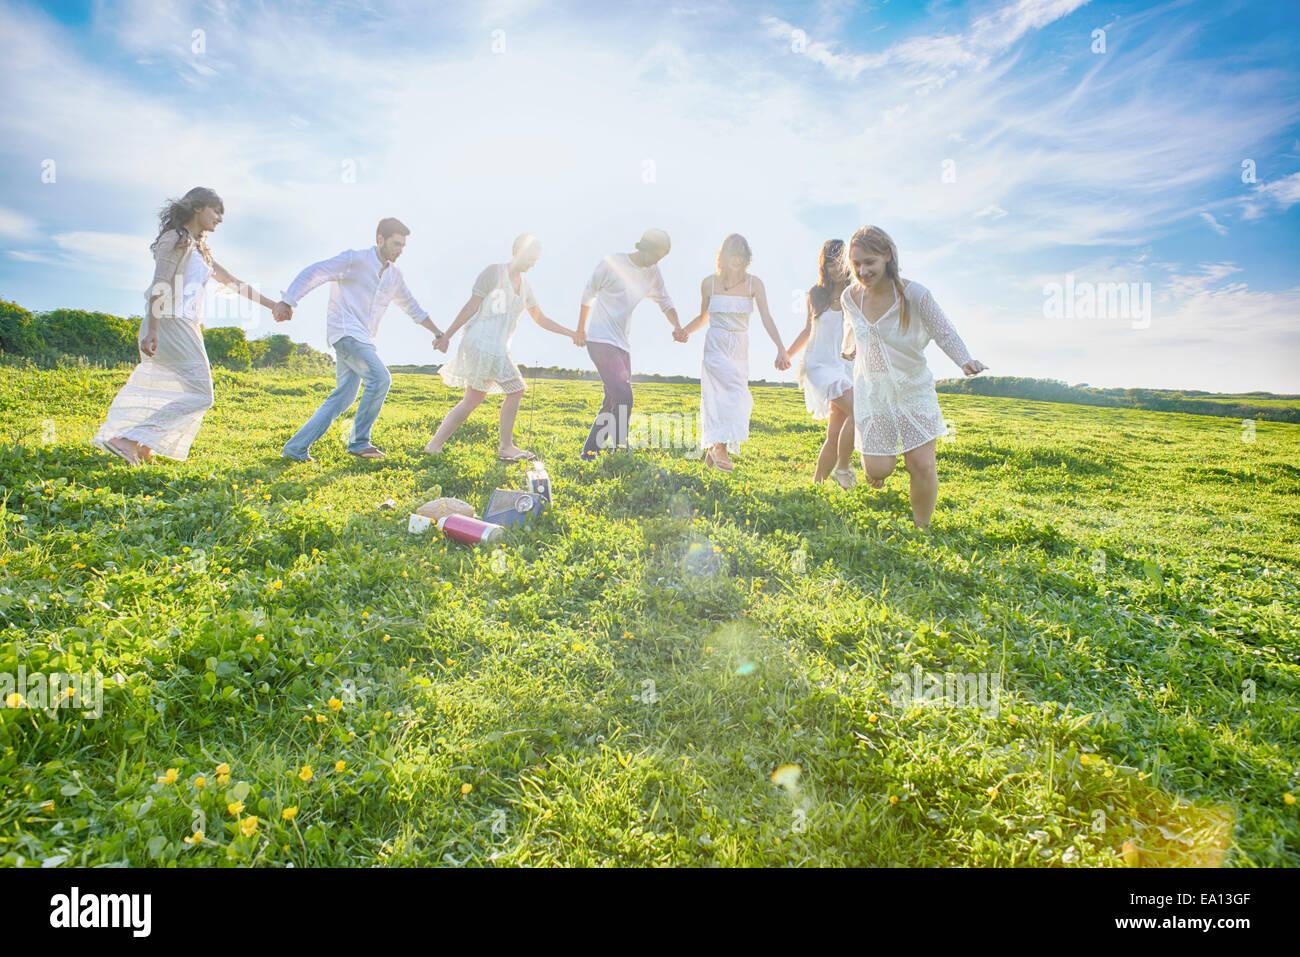 Siete jóvenes amigos adultos tomados de la mano y se ejecuta en el campo Imagen De Stock